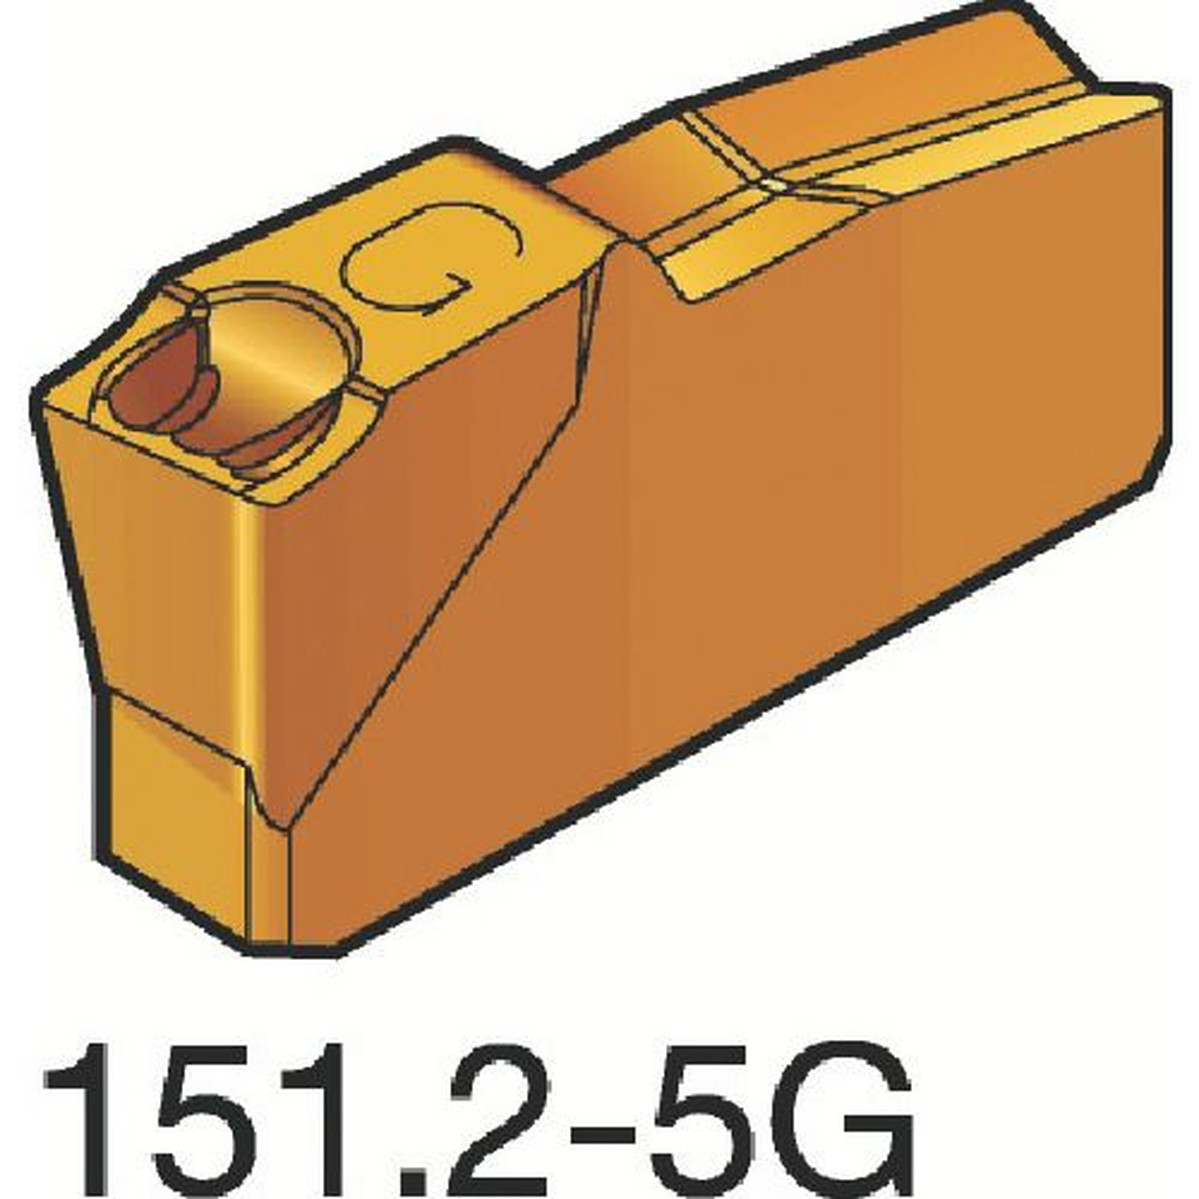 ずっと気になってた サンドビック T-Max 235 Q-カット 突切り・溝入れチップ 突切り・溝入れチップ 235 サンドビック 10個, 輸入家具 マイセレクト:501ad4fa --- independentescortsdelhi.in